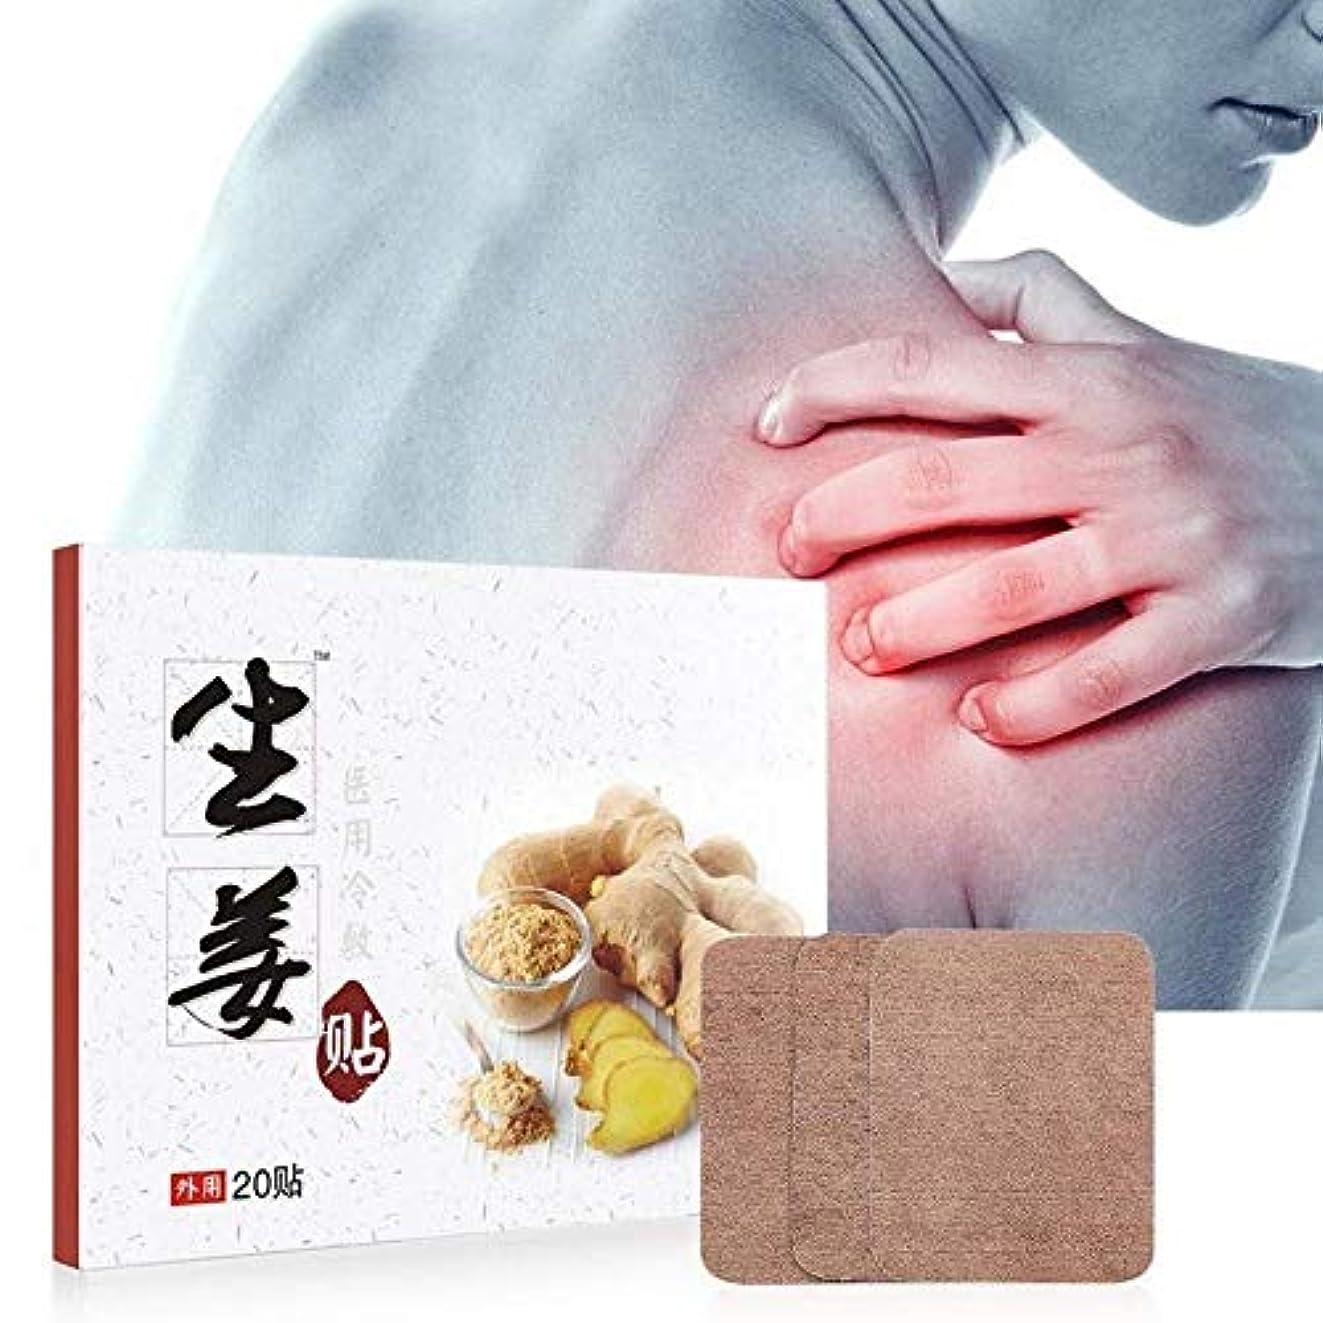 労働各不利益20ボックスジンジャーパッドジョイント頚椎痛みの軽減自発的ヒートステッカー防寒保温